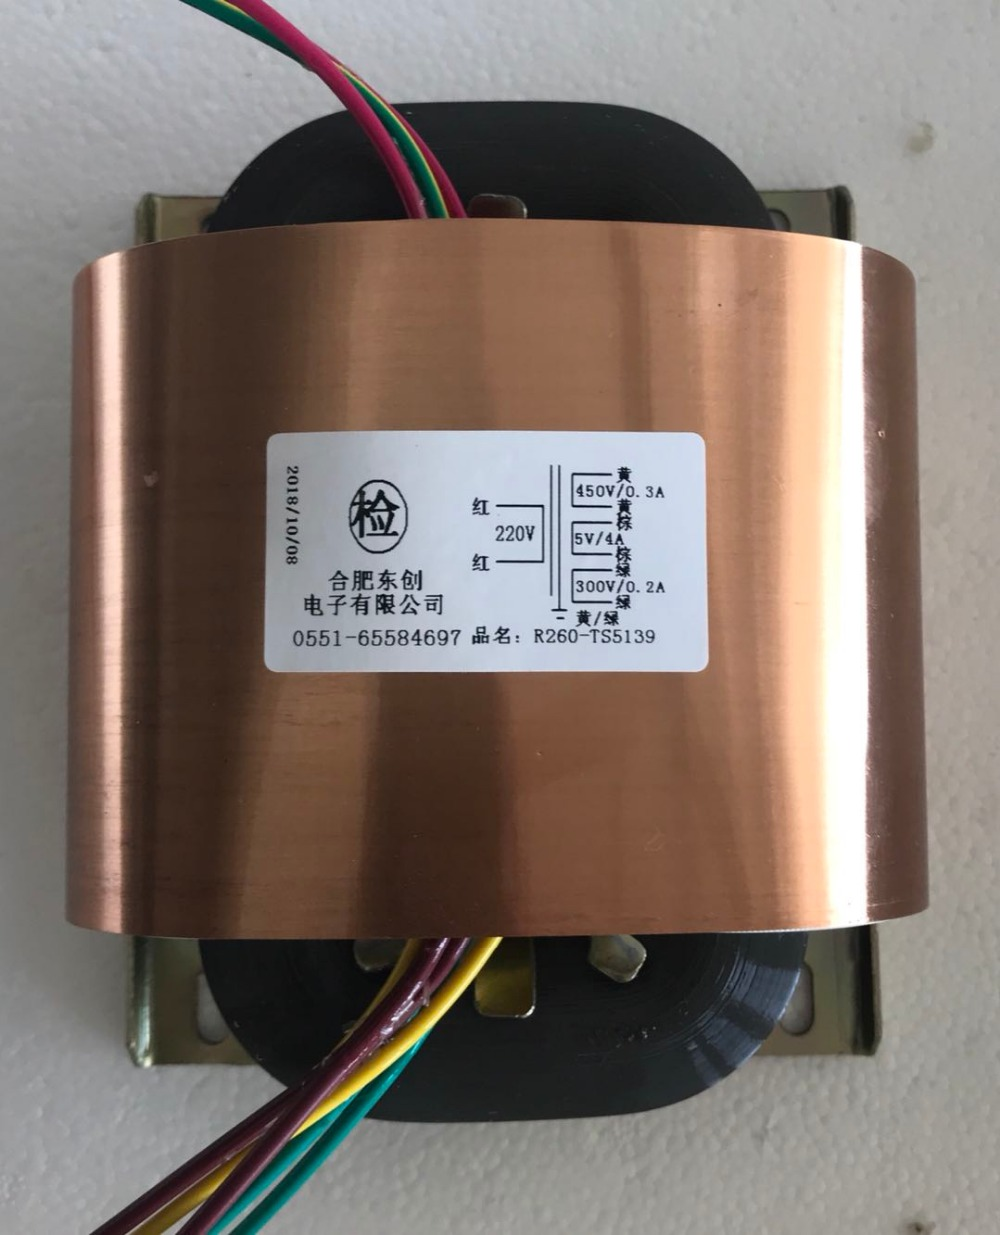 450V 0.3A 5V 4A 300V 0.2A R Core Transformer 215VA R260 custom transformer 220V input copper shield Power amplifier450V 0.3A 5V 4A 300V 0.2A R Core Transformer 215VA R260 custom transformer 220V input copper shield Power amplifier